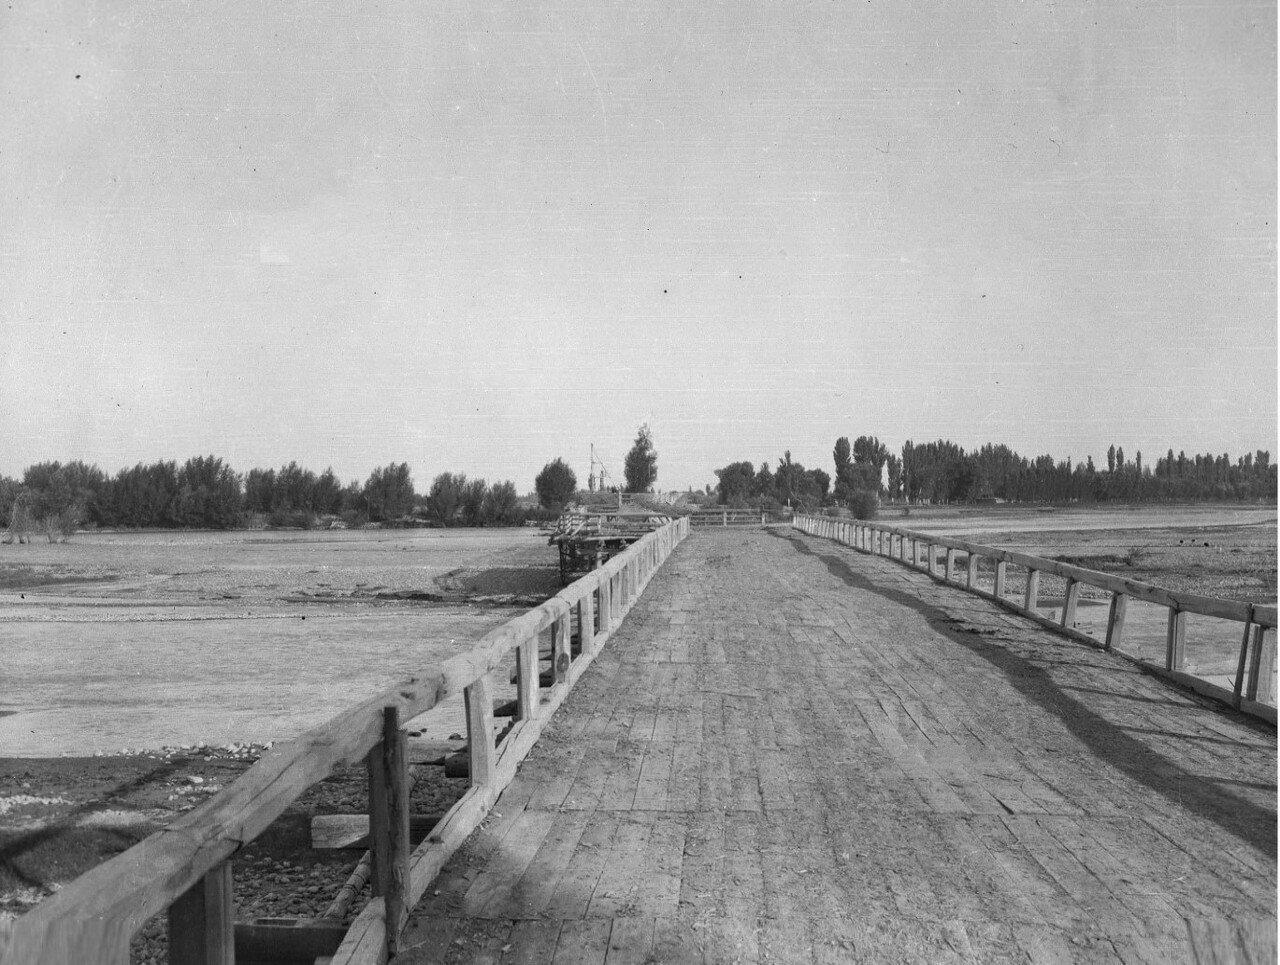 Ташкент (Сырдарьинская область). Деревянный мост